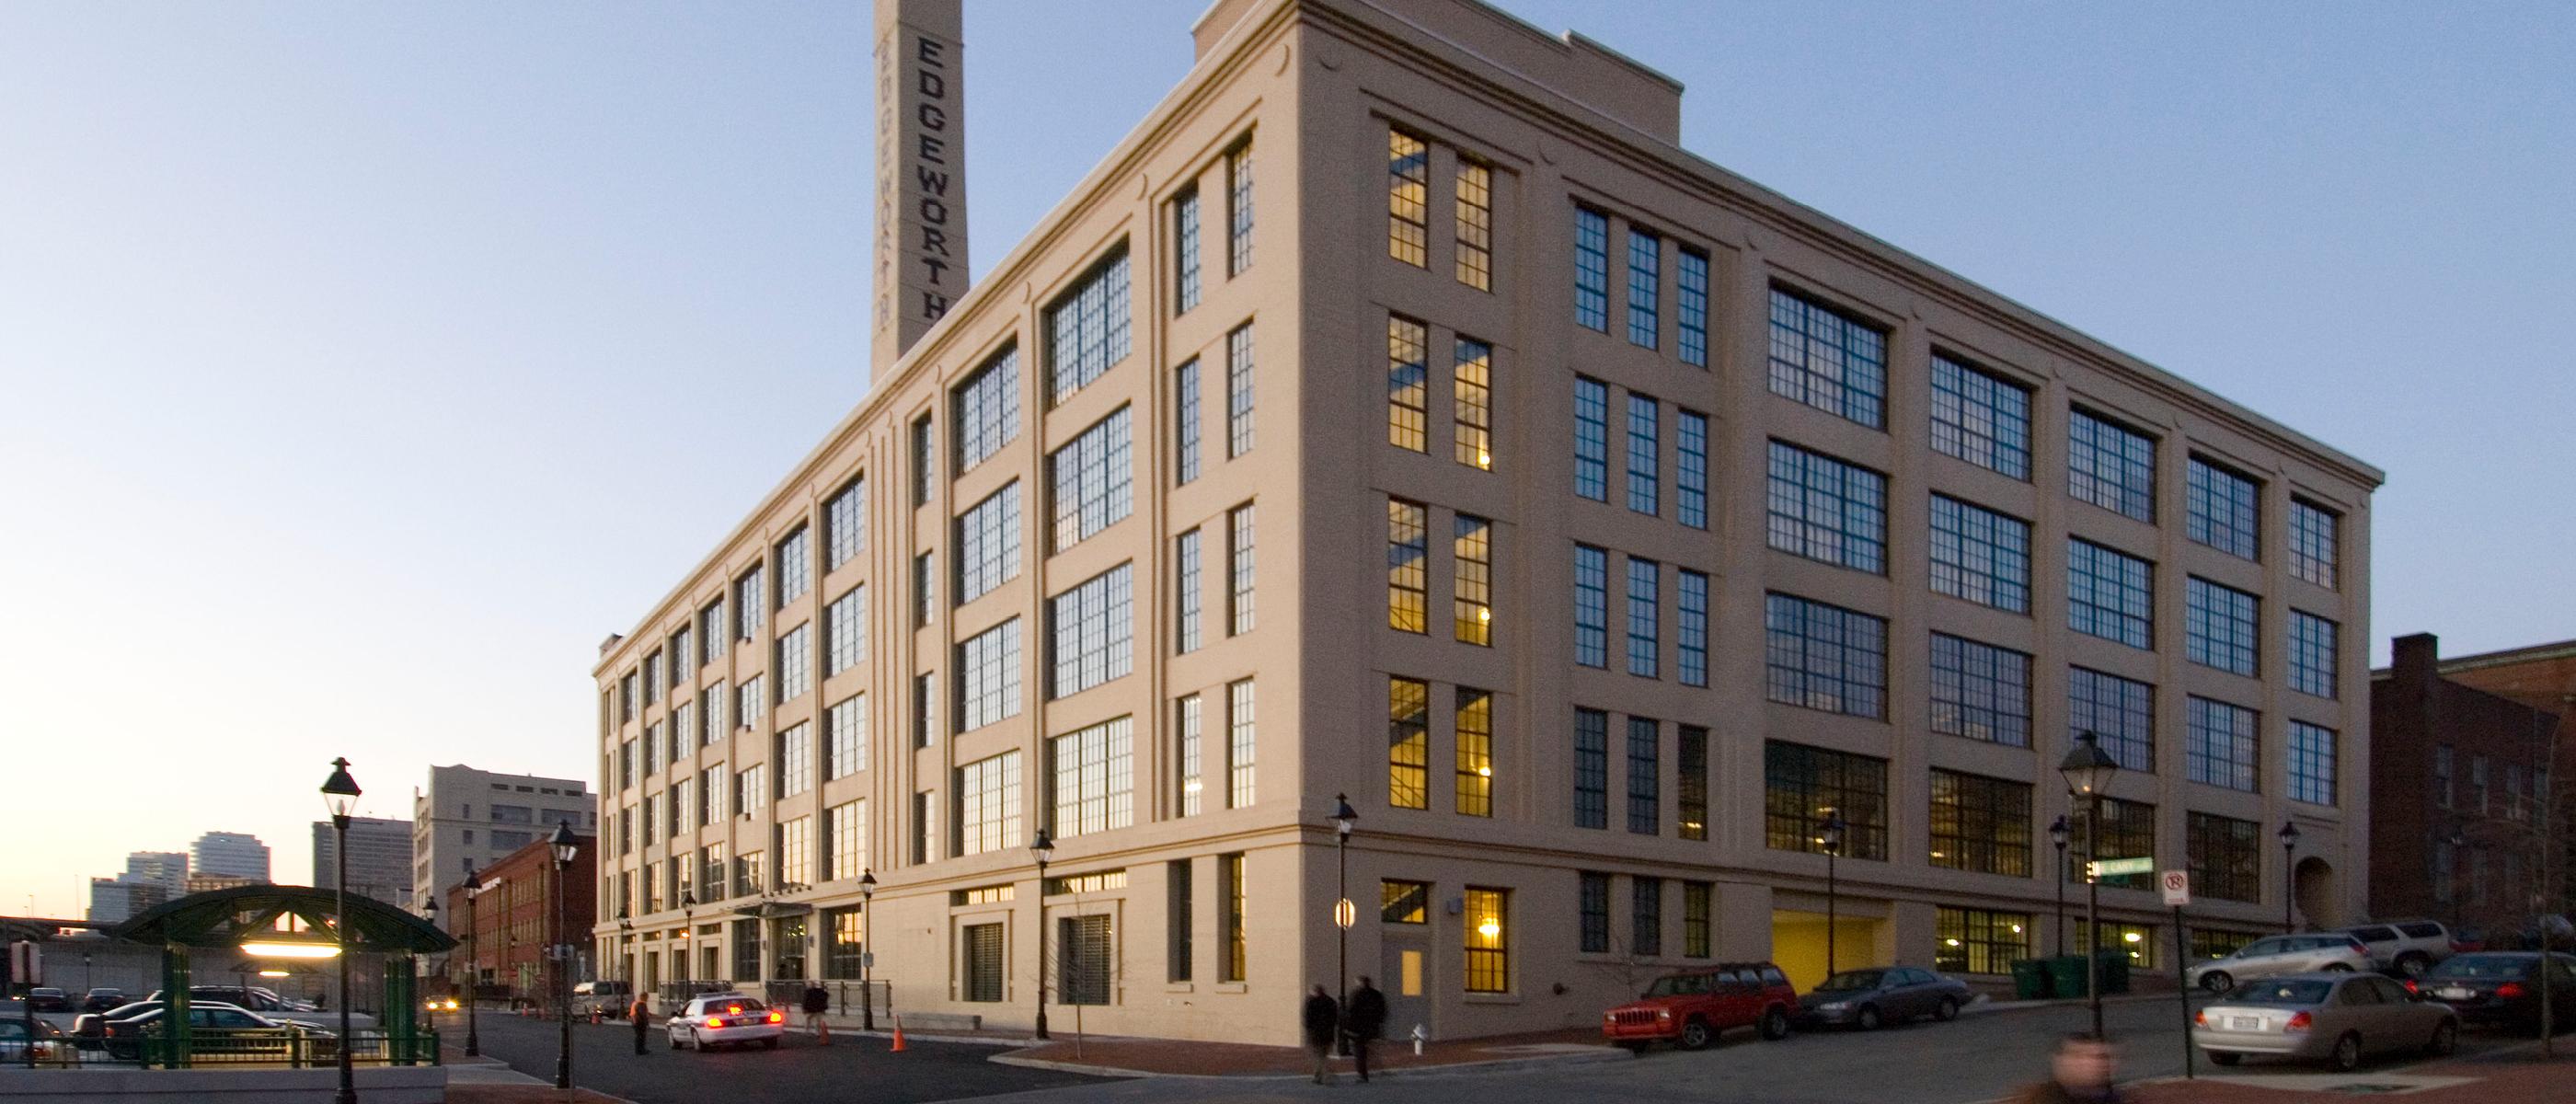 Edgeworth Building